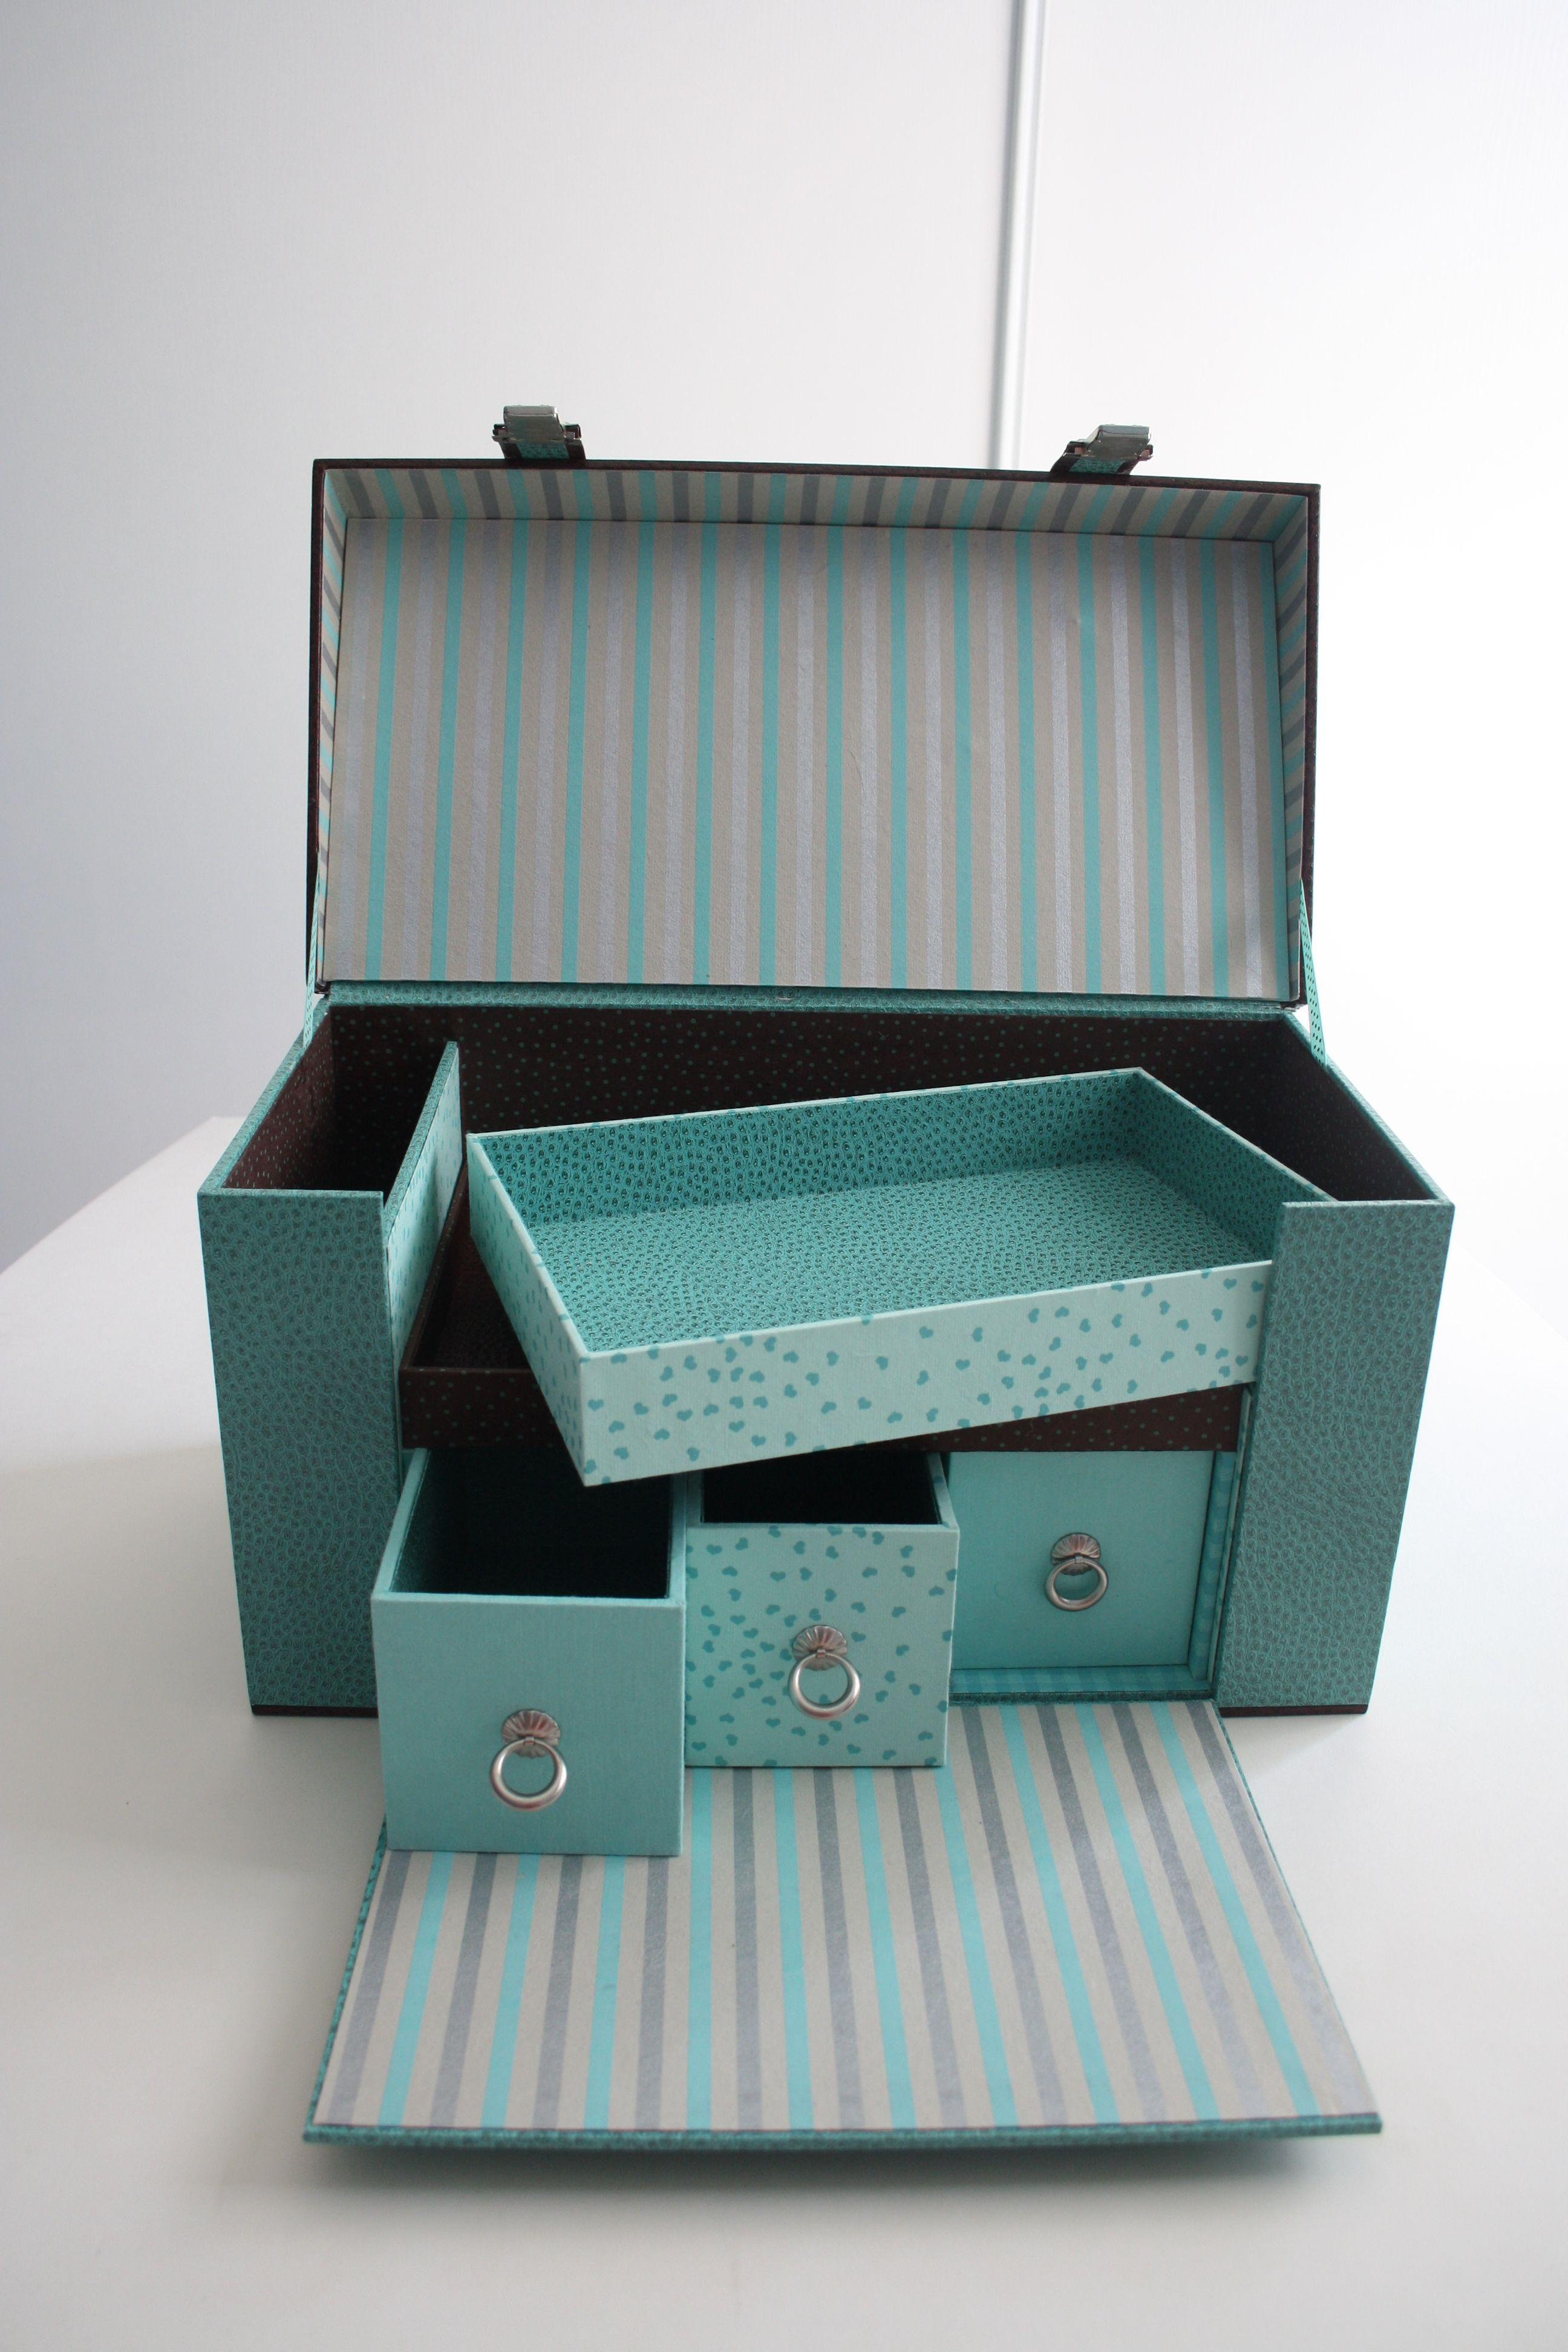 Boite Rangement Papier Toile 32cm Clynk Fleur Sur Fond Bleu La Folle Adresse Boite Rangement Papier Boite De Rangement Rangement Jardin